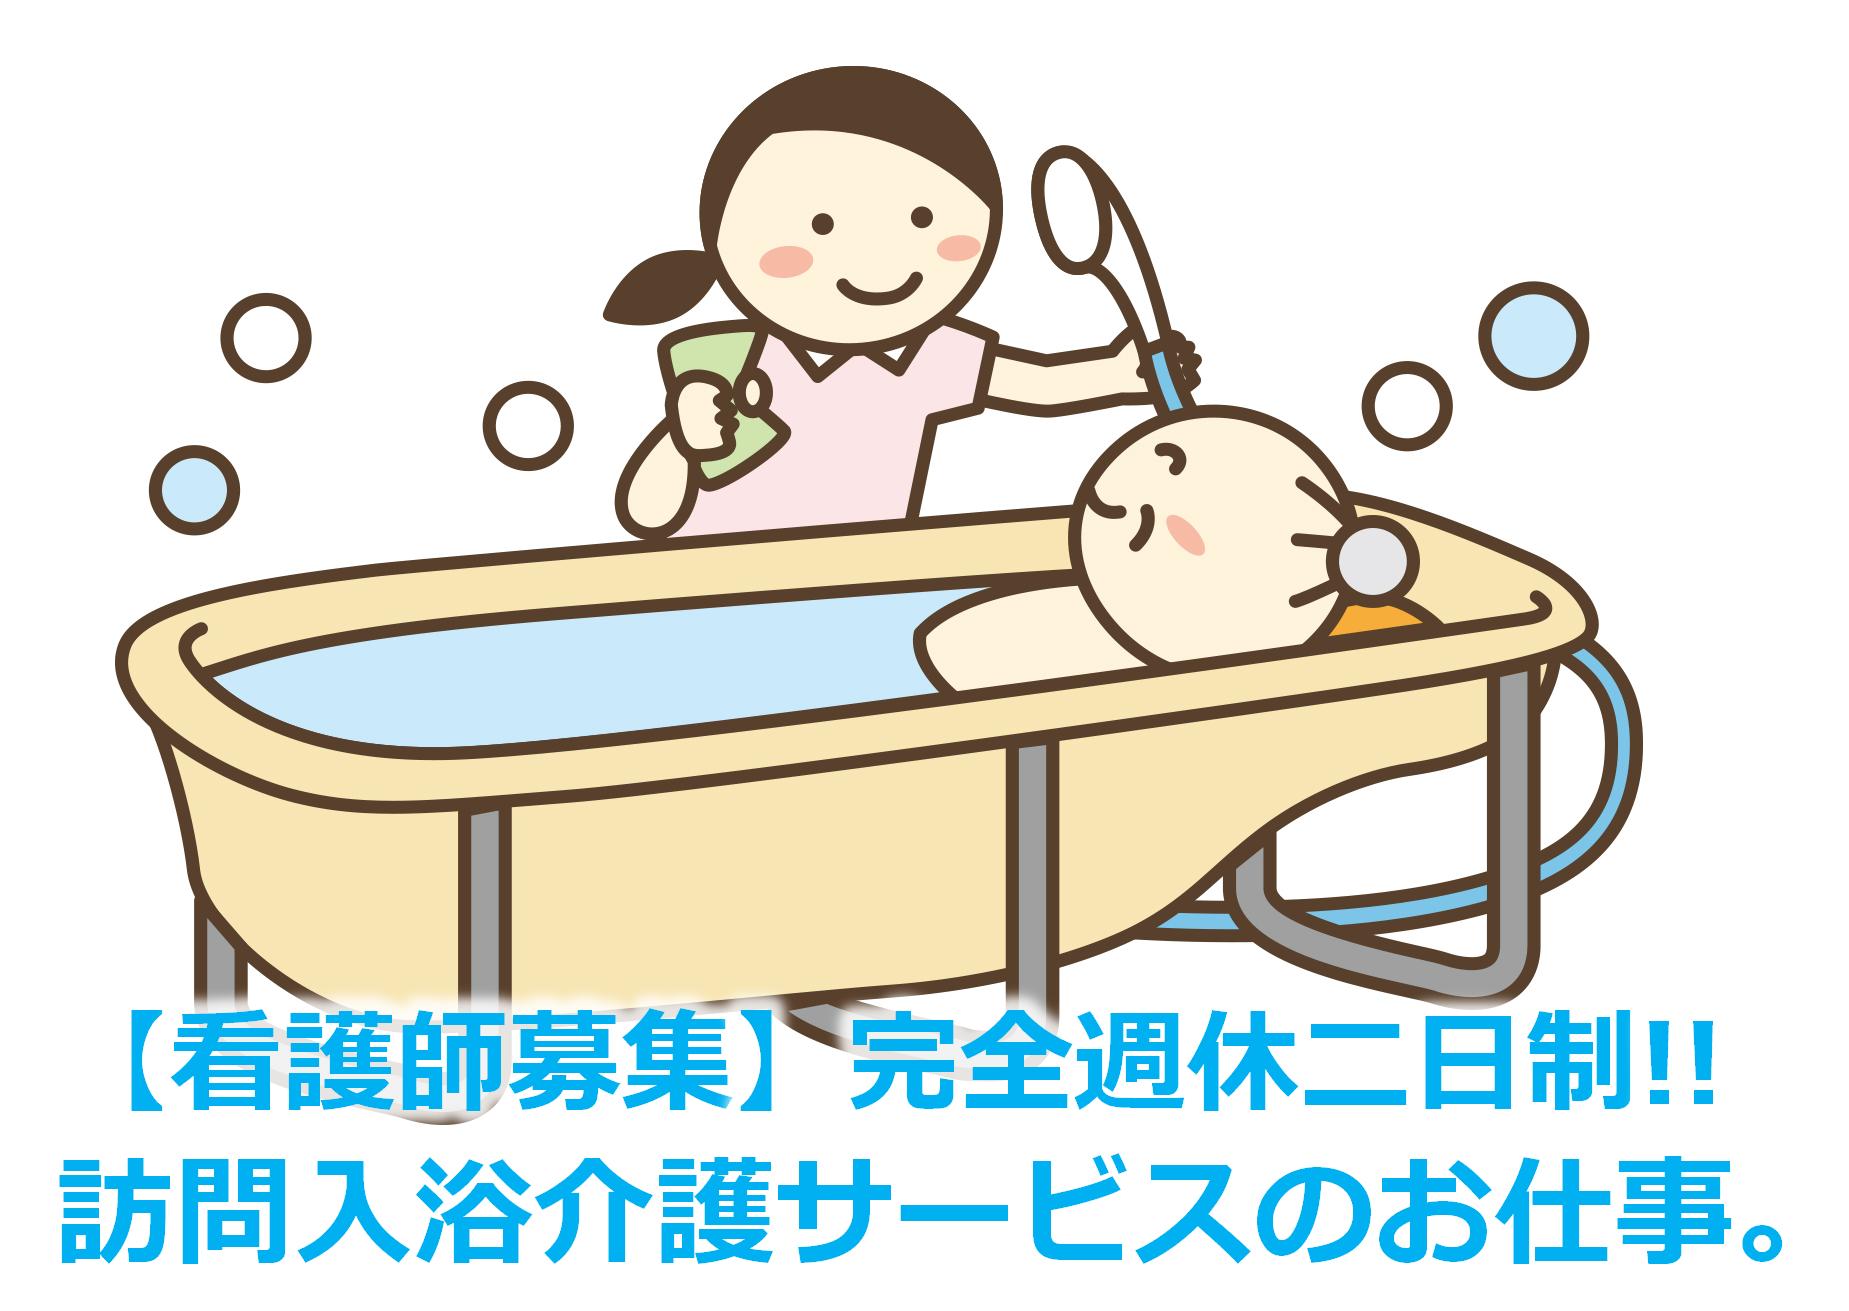 北陸メディカルサービス株式会社 富山営業所